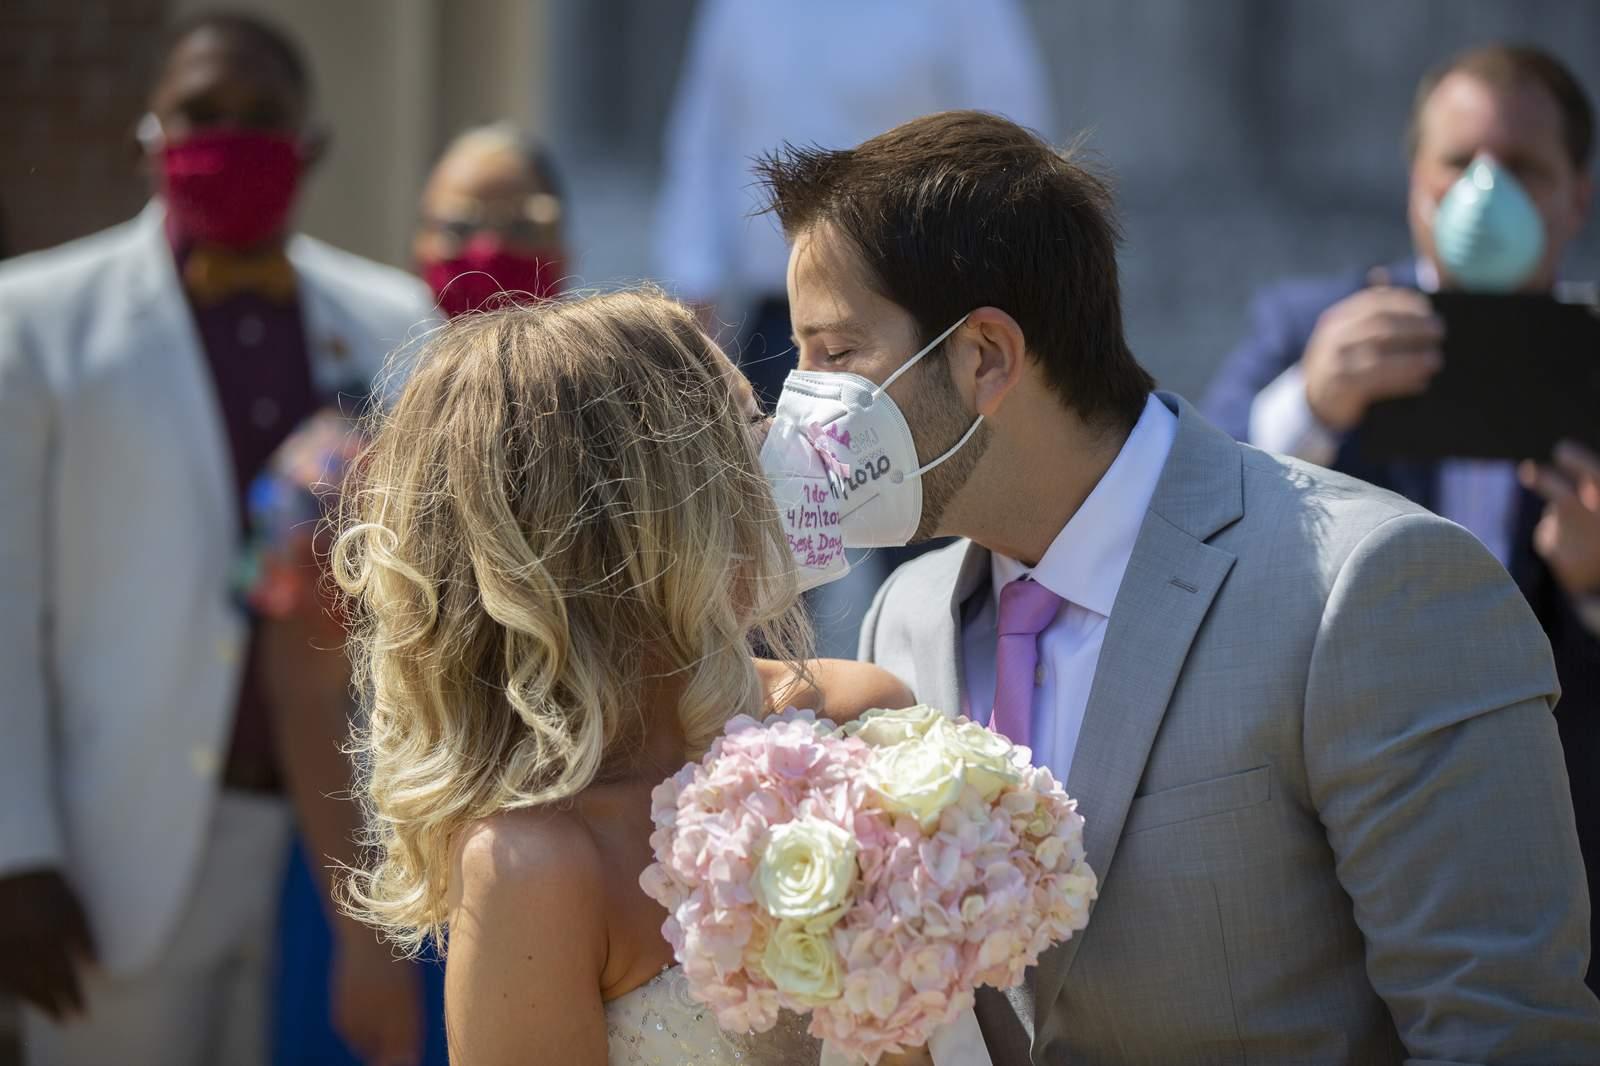 یک عروسی در کلگری باعث ابتلای دست کم 49 نفر به کووید-19 شد